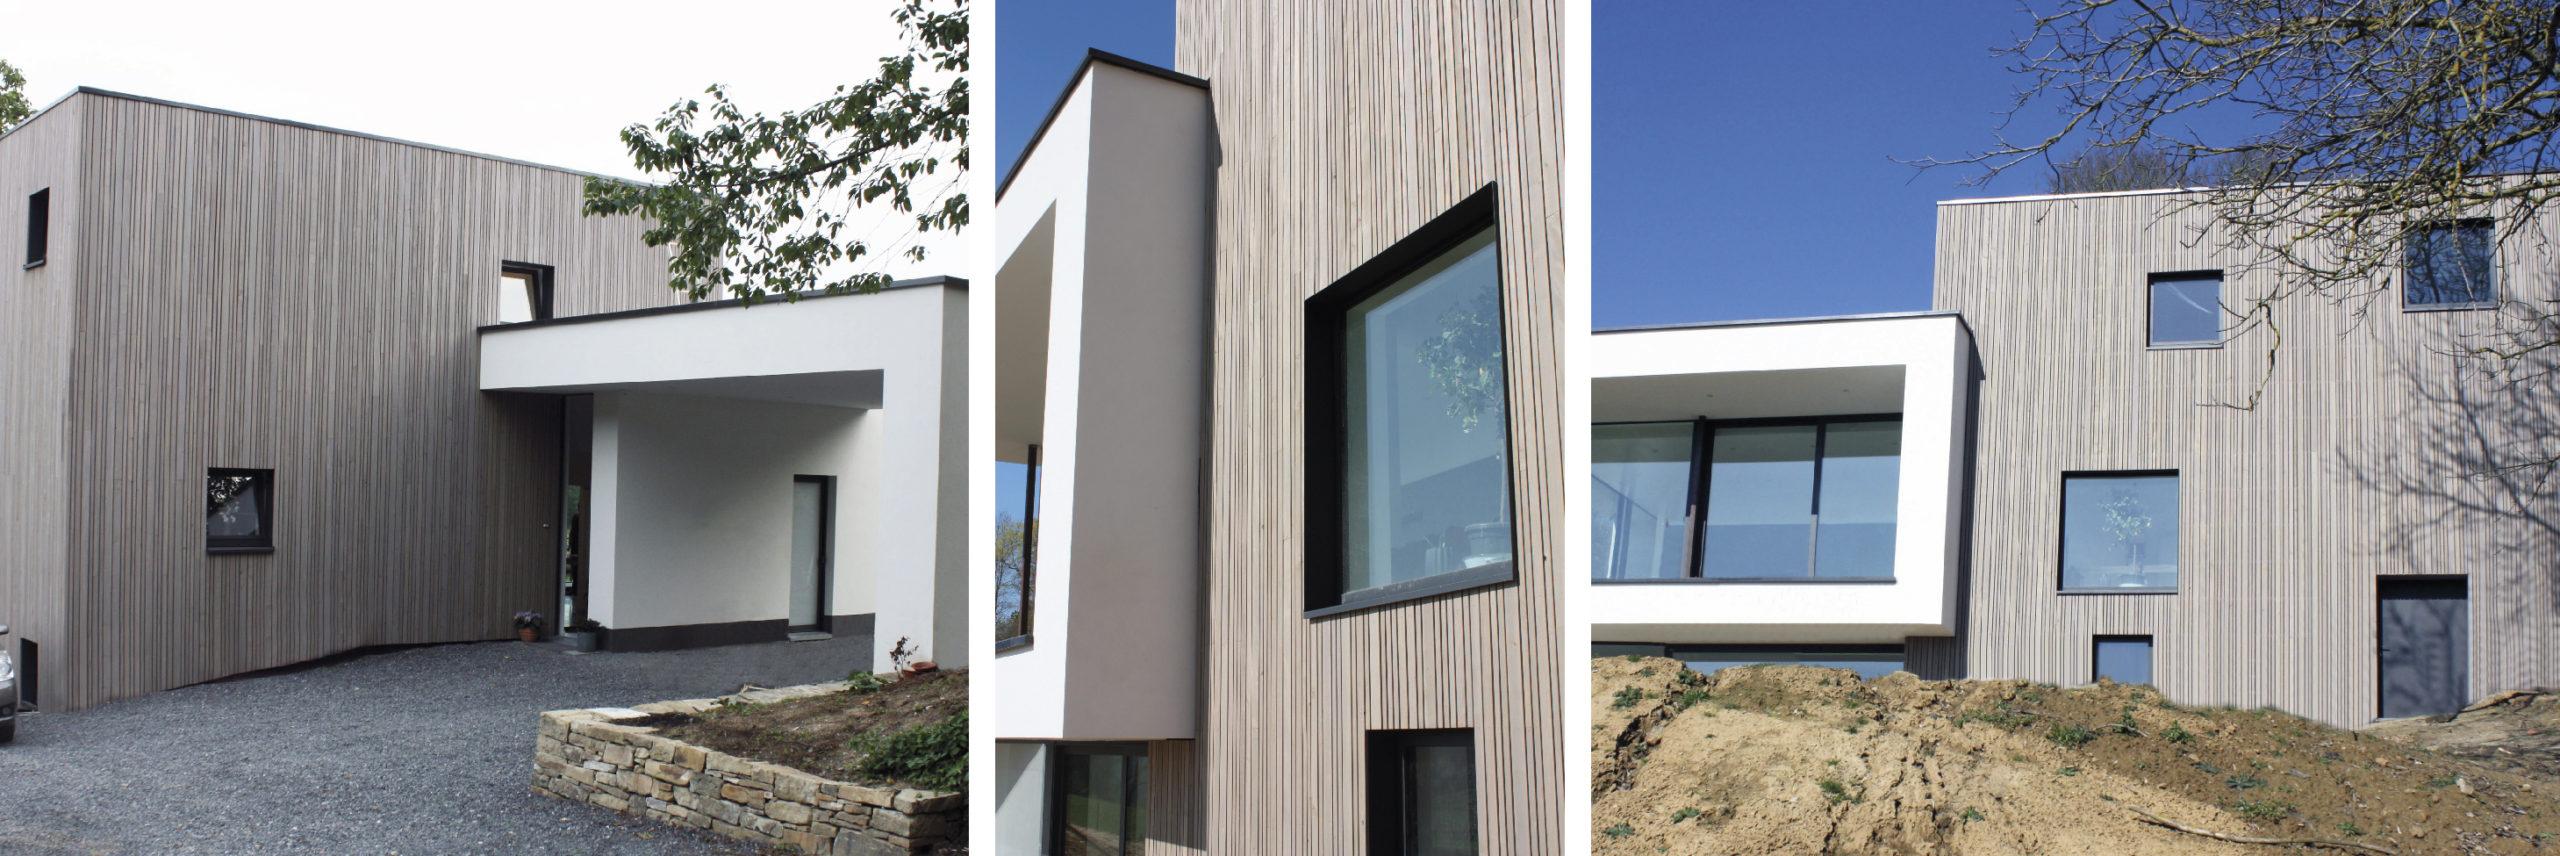 Dura Sidings biedt u een grote keuze aan profielen. Maak zo uw eigen ontwerp voor uw houten gevel. Hier bij deze eengezinswoning (ref.: 118015) werd met drie breedtes gewerkt.                           Product: Dura Patina, deklijst, Selekt, 21x40/21x65/21x90mm, lavagrijs.                                      Architectenbureau: ACMIA